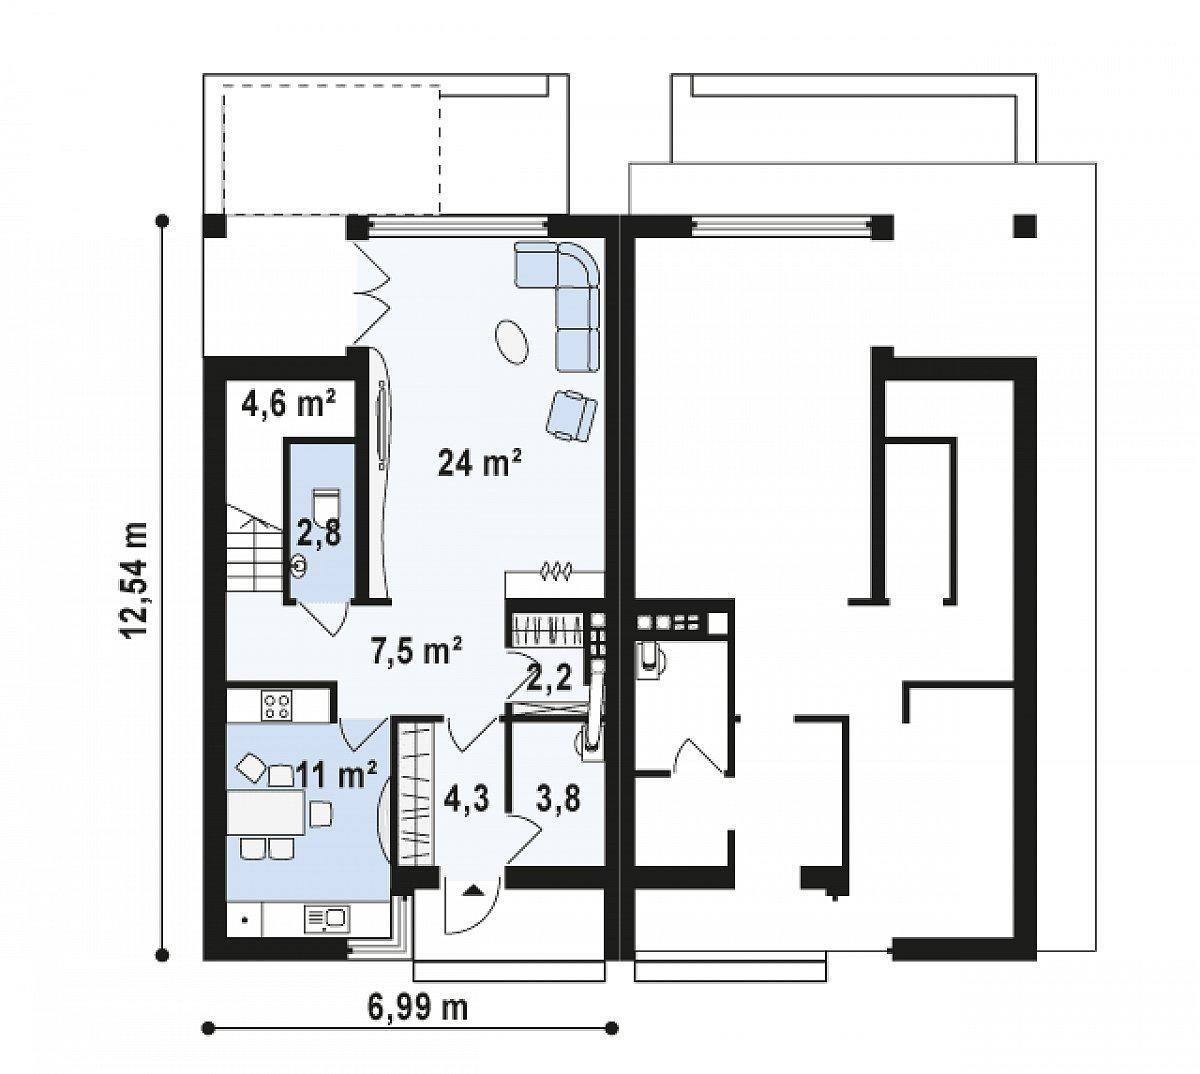 Первый этаж 60,0м² дома Zb7